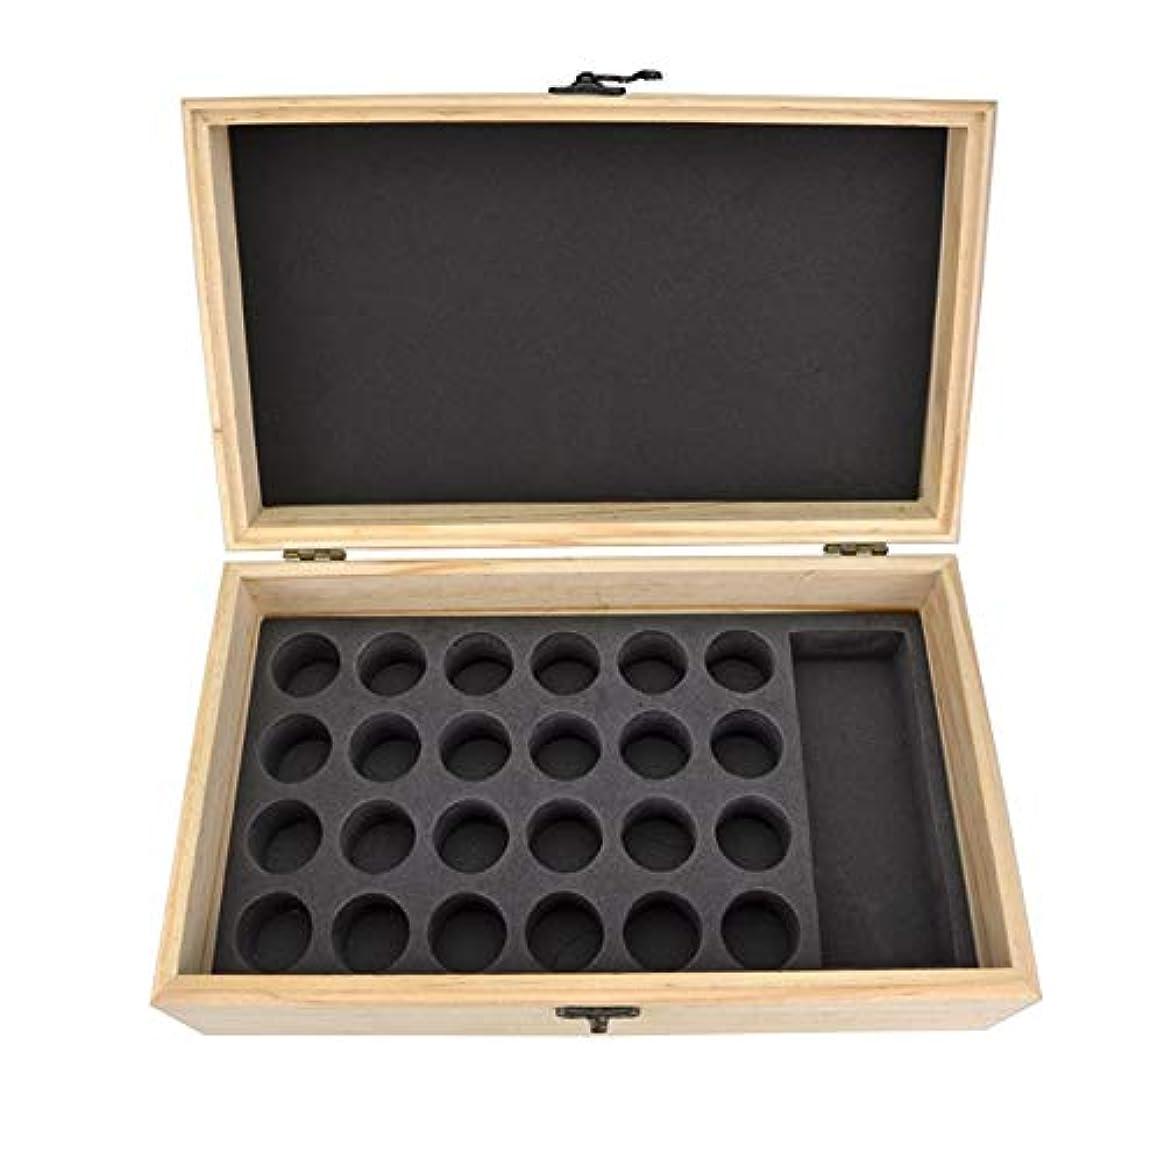 推進、動かす貧しいペックエッセンシャルオイル収納ボックス 25スロット木製エッセンシャルオイル木製ボックスオイルの収納ケースは、25本のボトルナチュラルパインを開催します (色 : Natural, サイズ : 28.8X16.7X10CM)